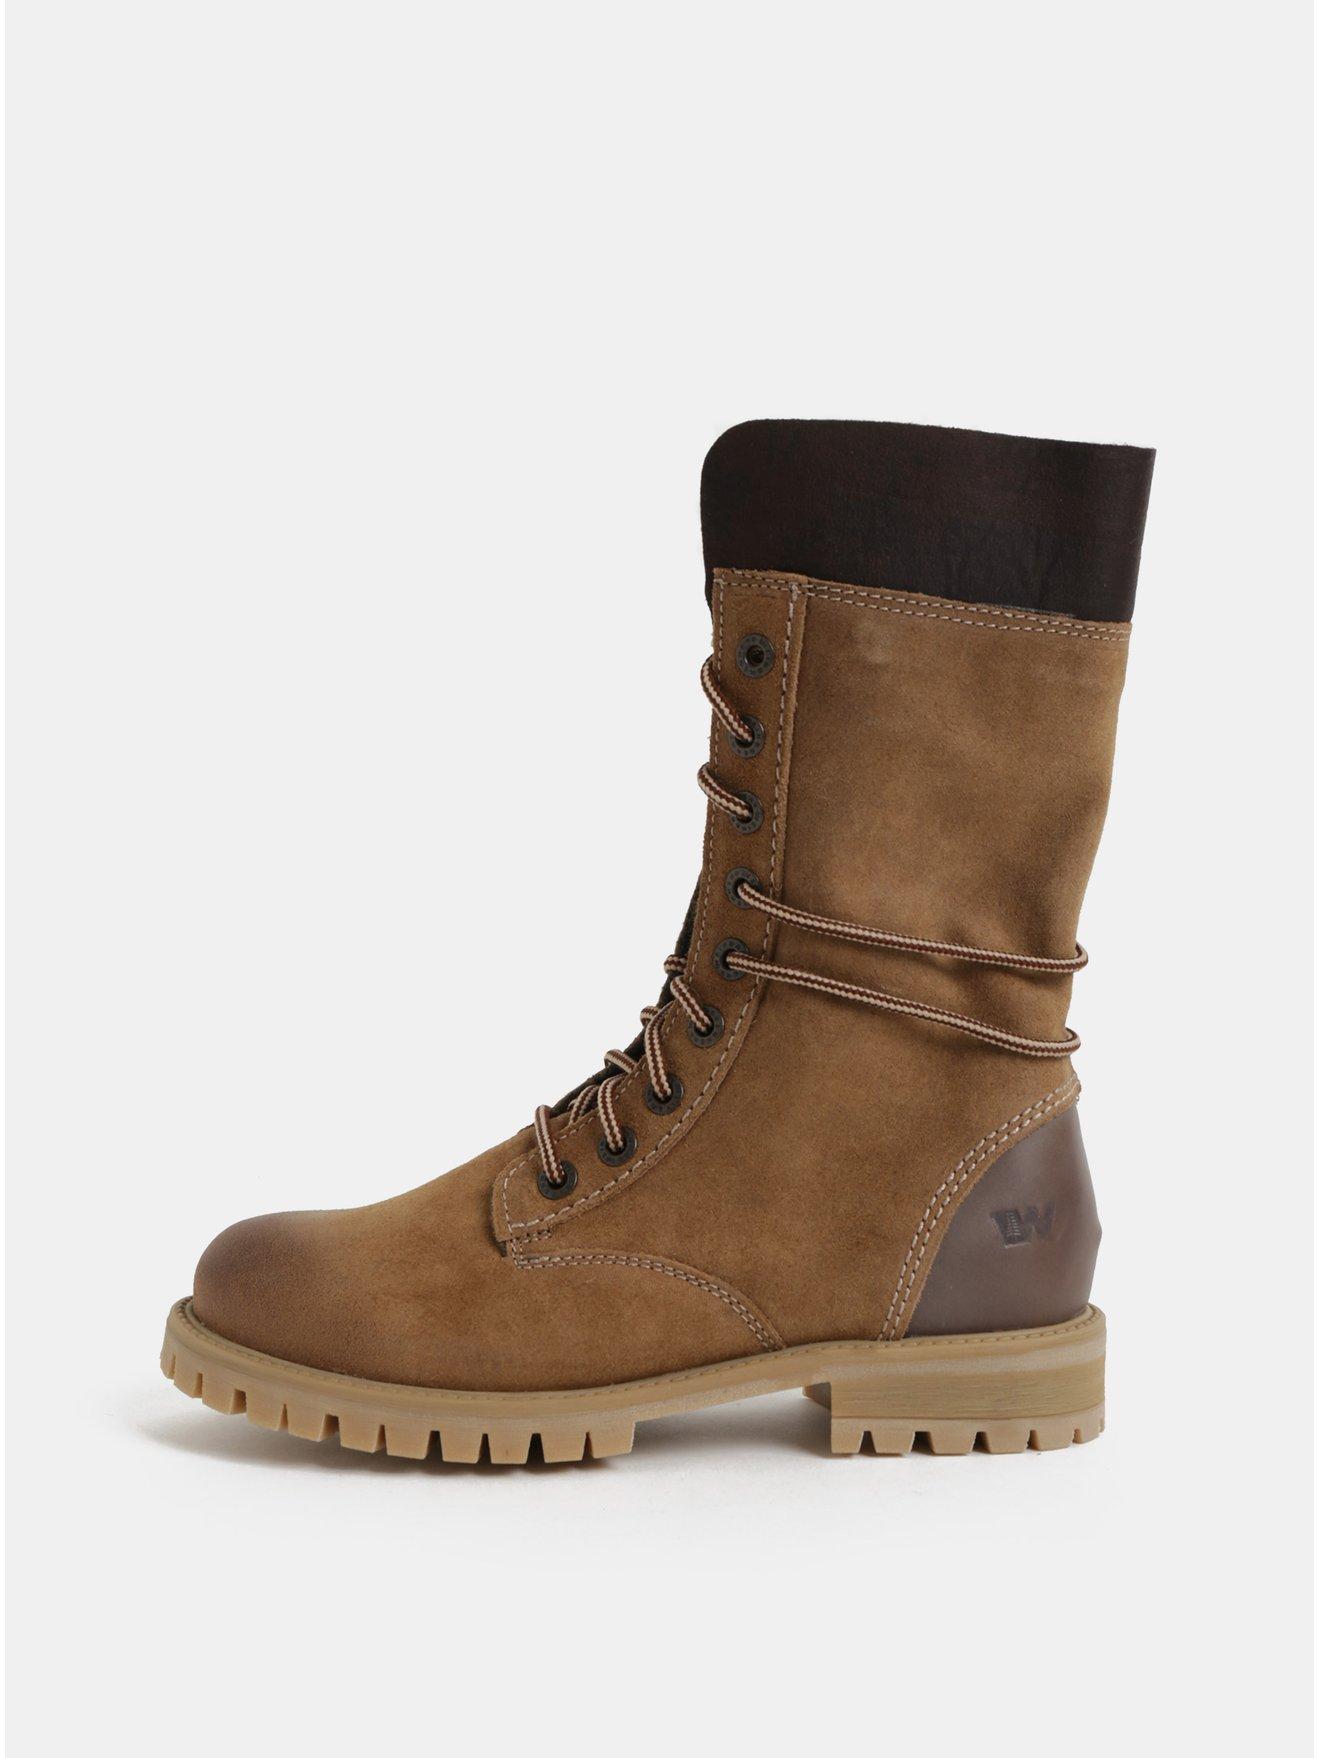 Hnědé dámské semišové kotníkové zimní boty se šněrováním Weinbrenner 33db322840